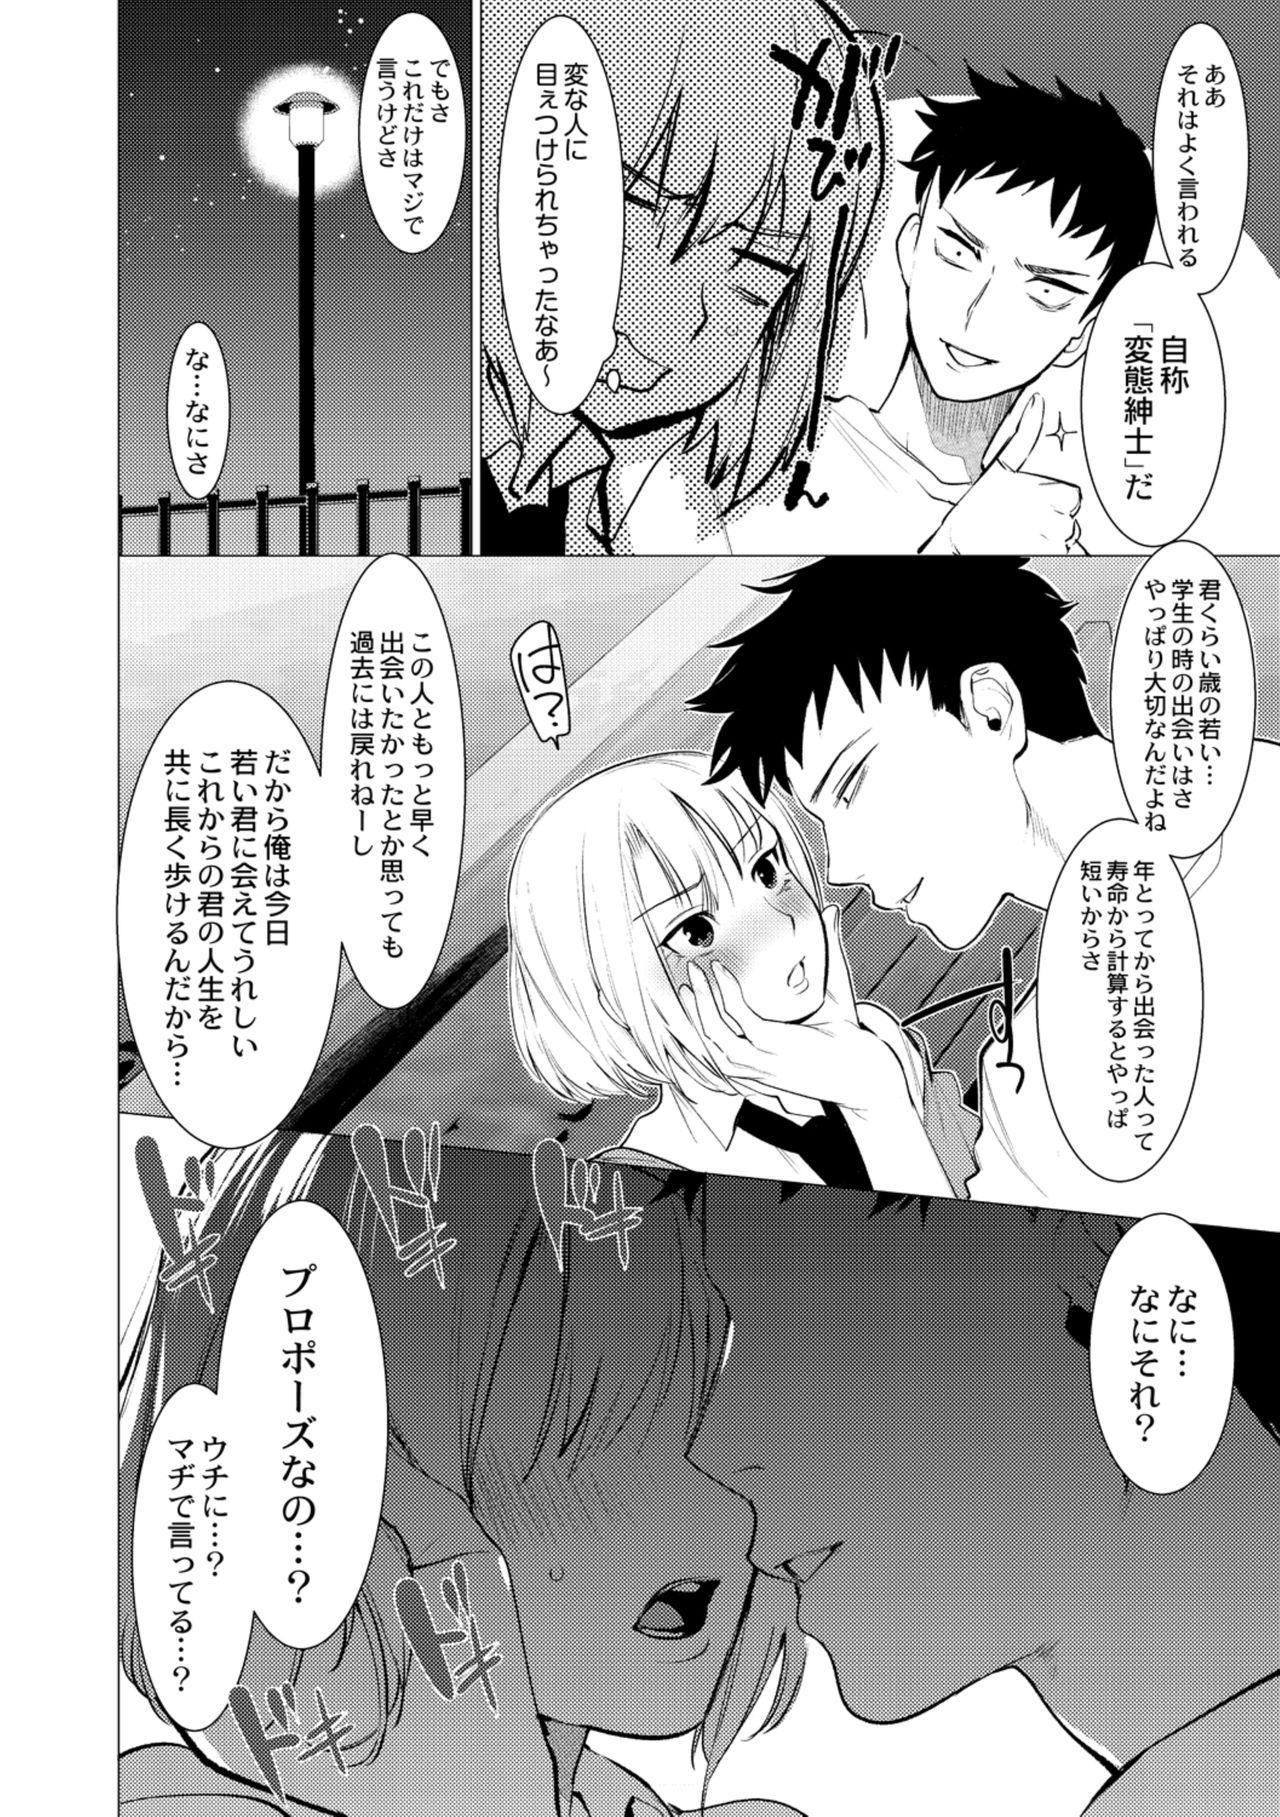 Saotsuki Honey to Doukyo Seikatsu ch4 5